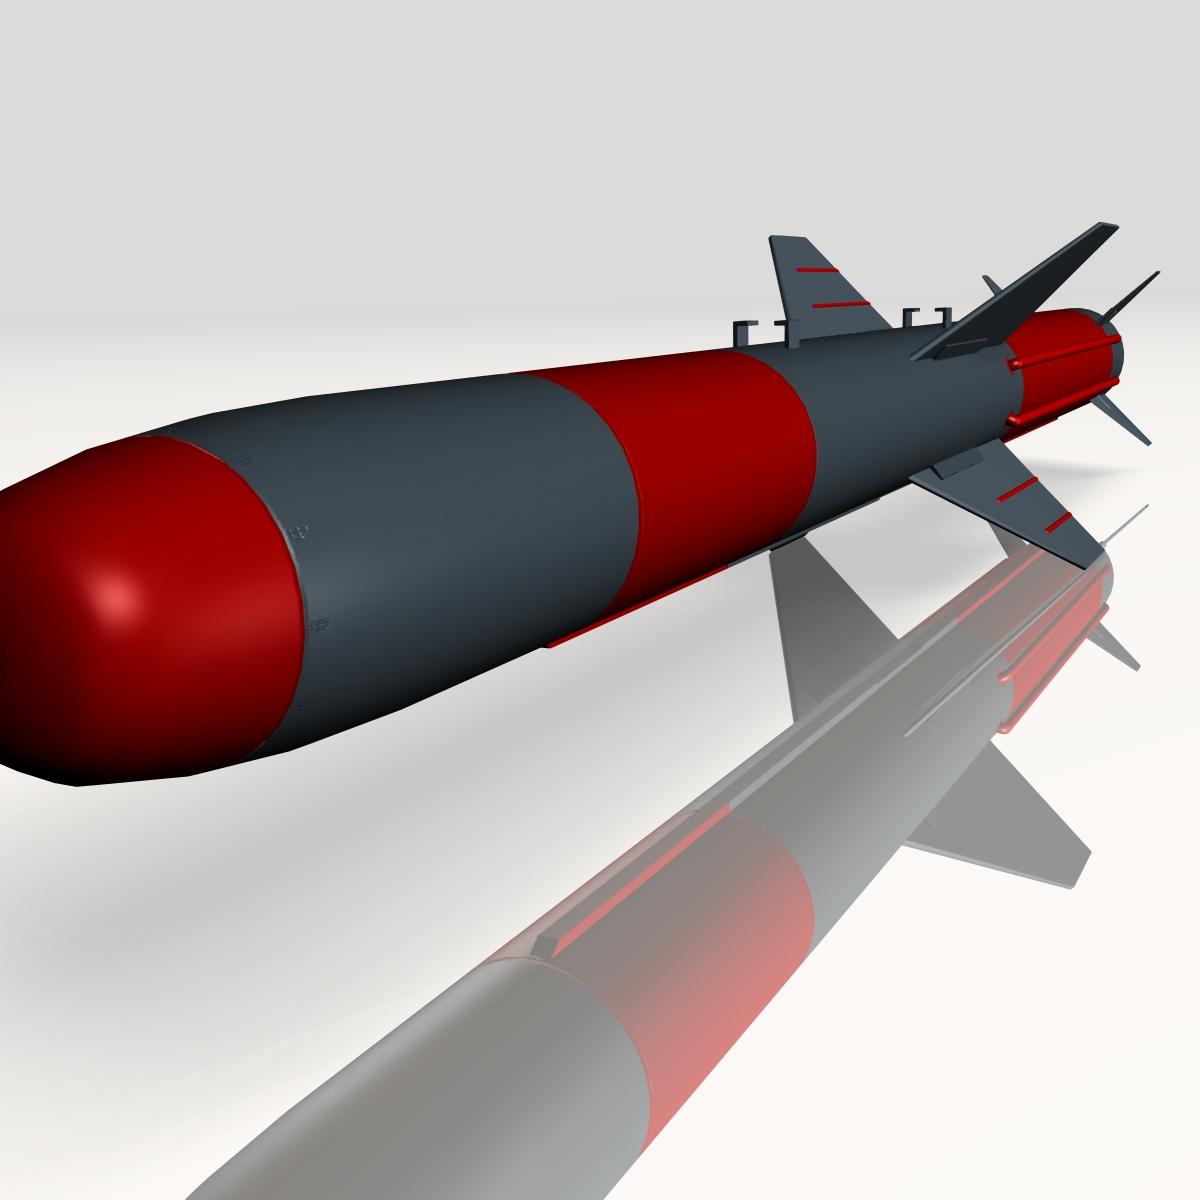 iranian koswar missile 3d model 3ds dxf x cod scn obj 149762